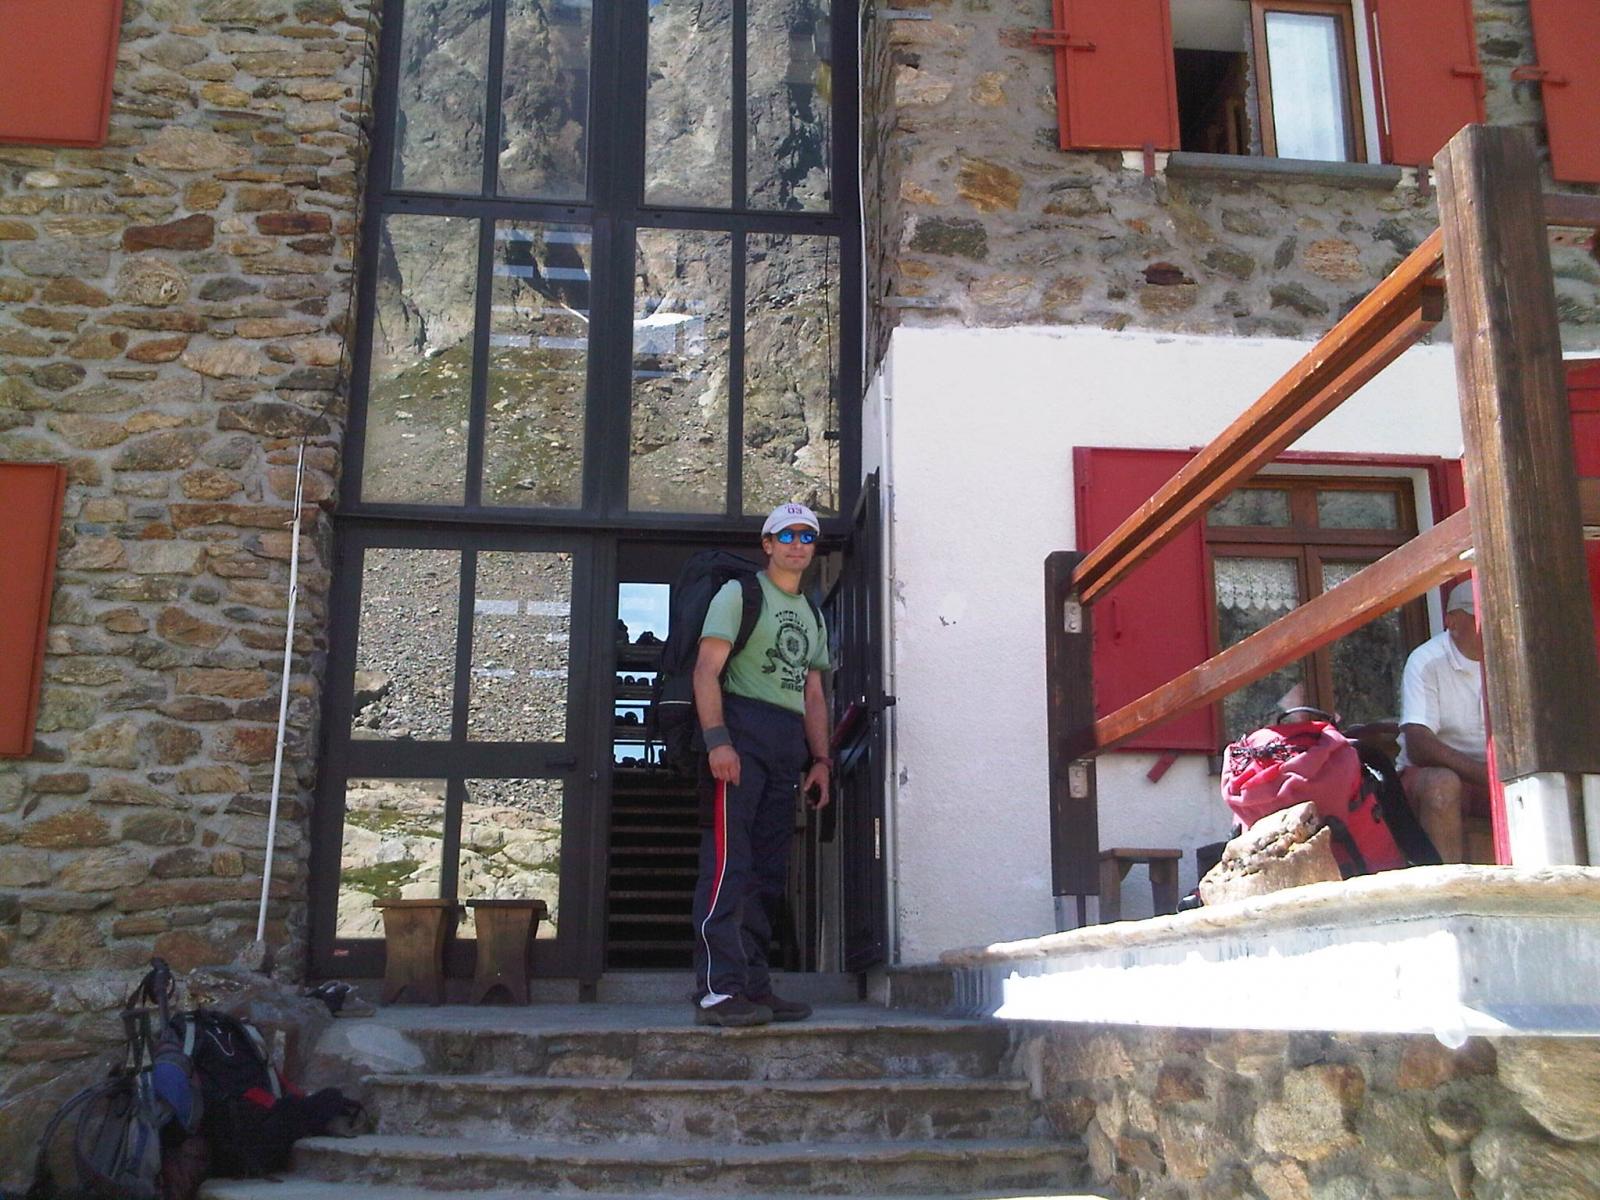 Mte. Argentera 08-11 August 2012 (Photo 13)